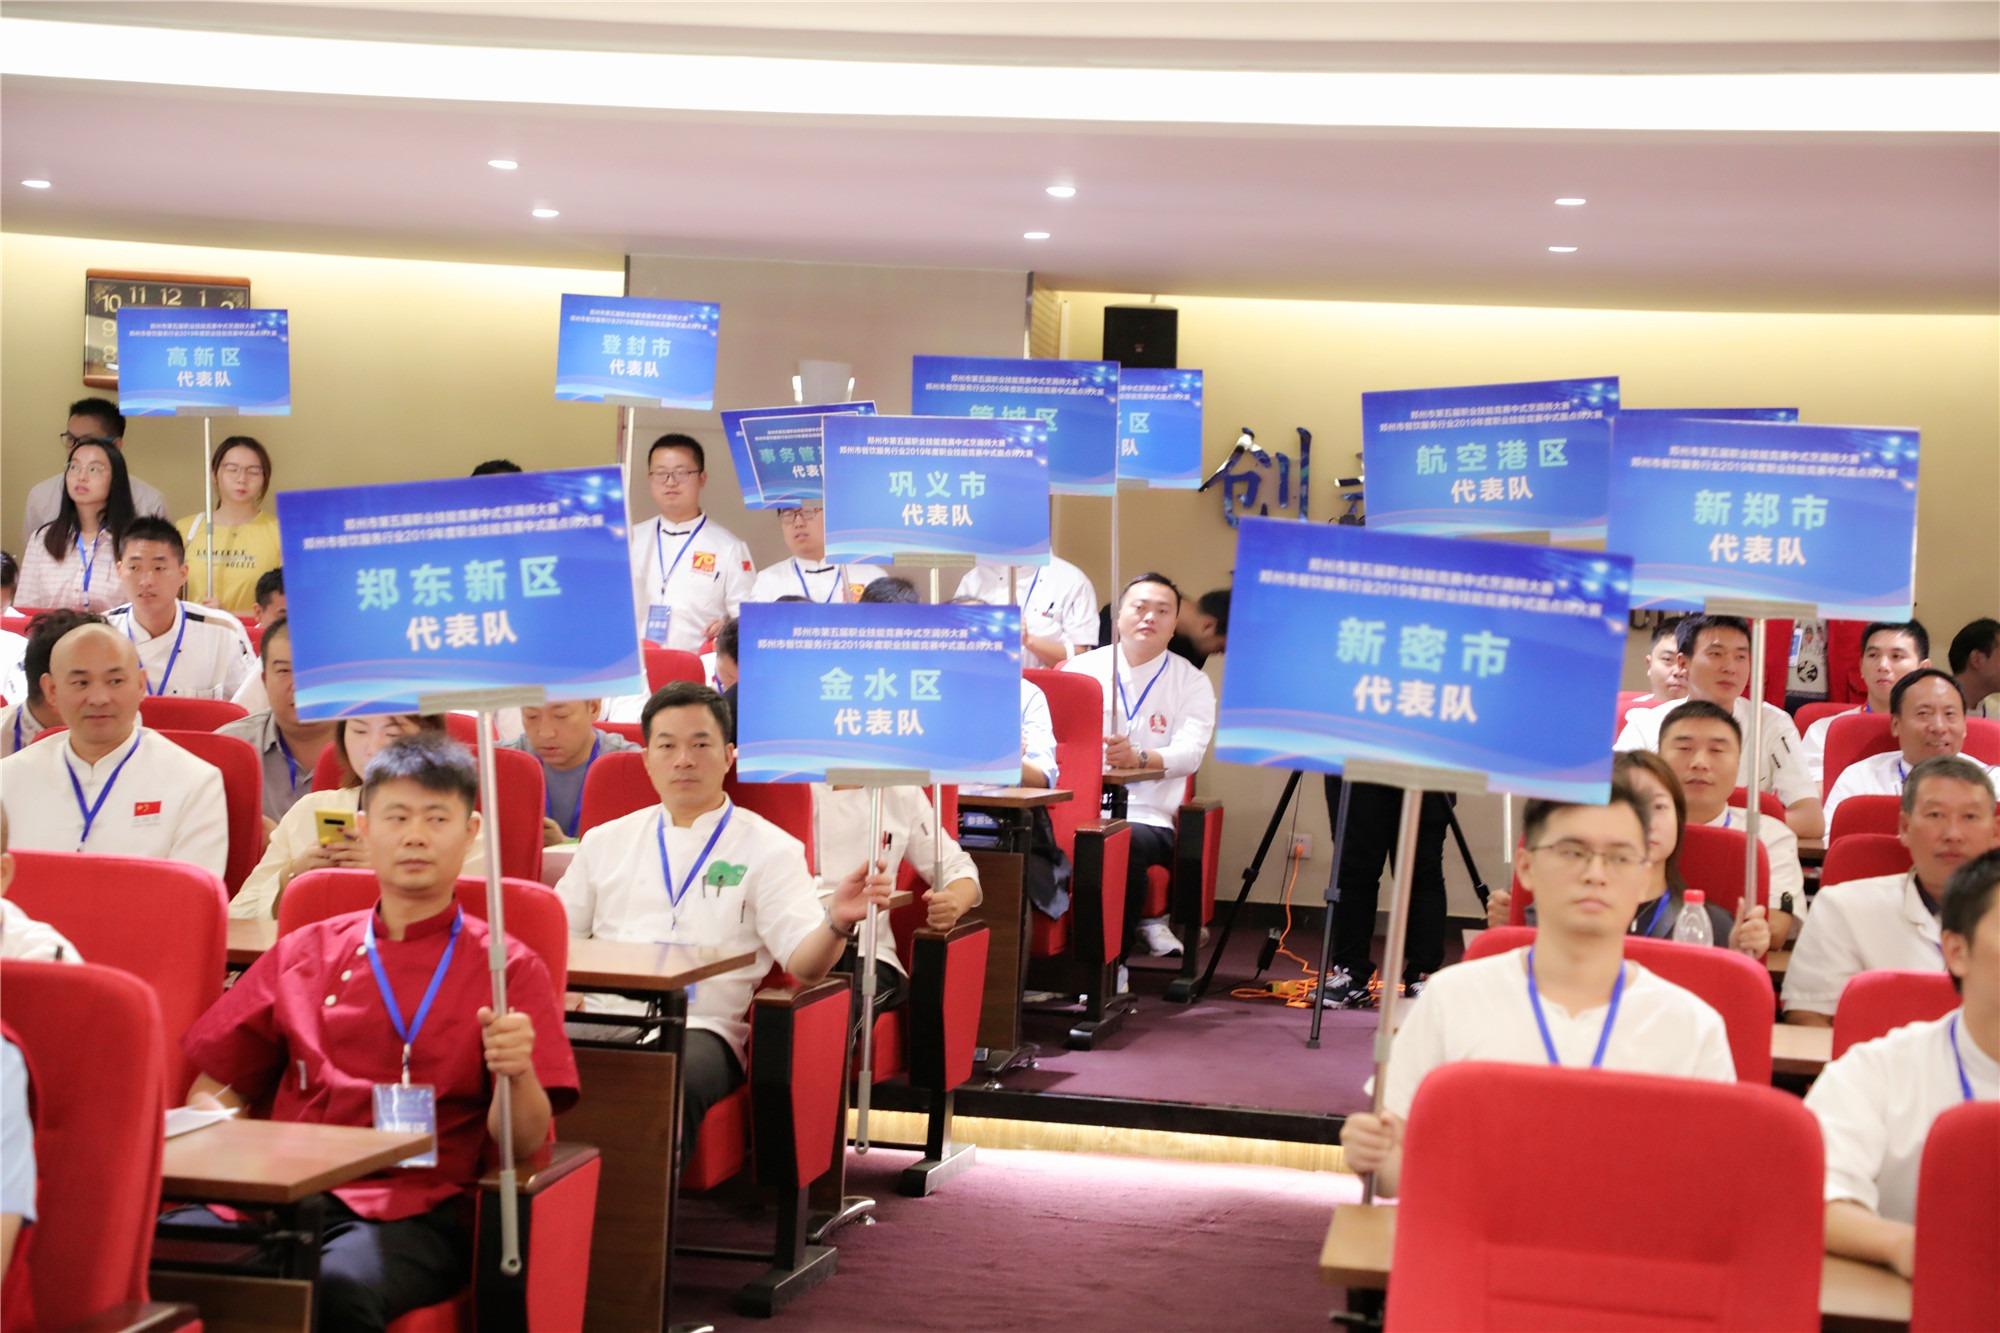 郑州市政府主办、第五届职业技能竞赛厨艺大赛落幕 规模领跑全省